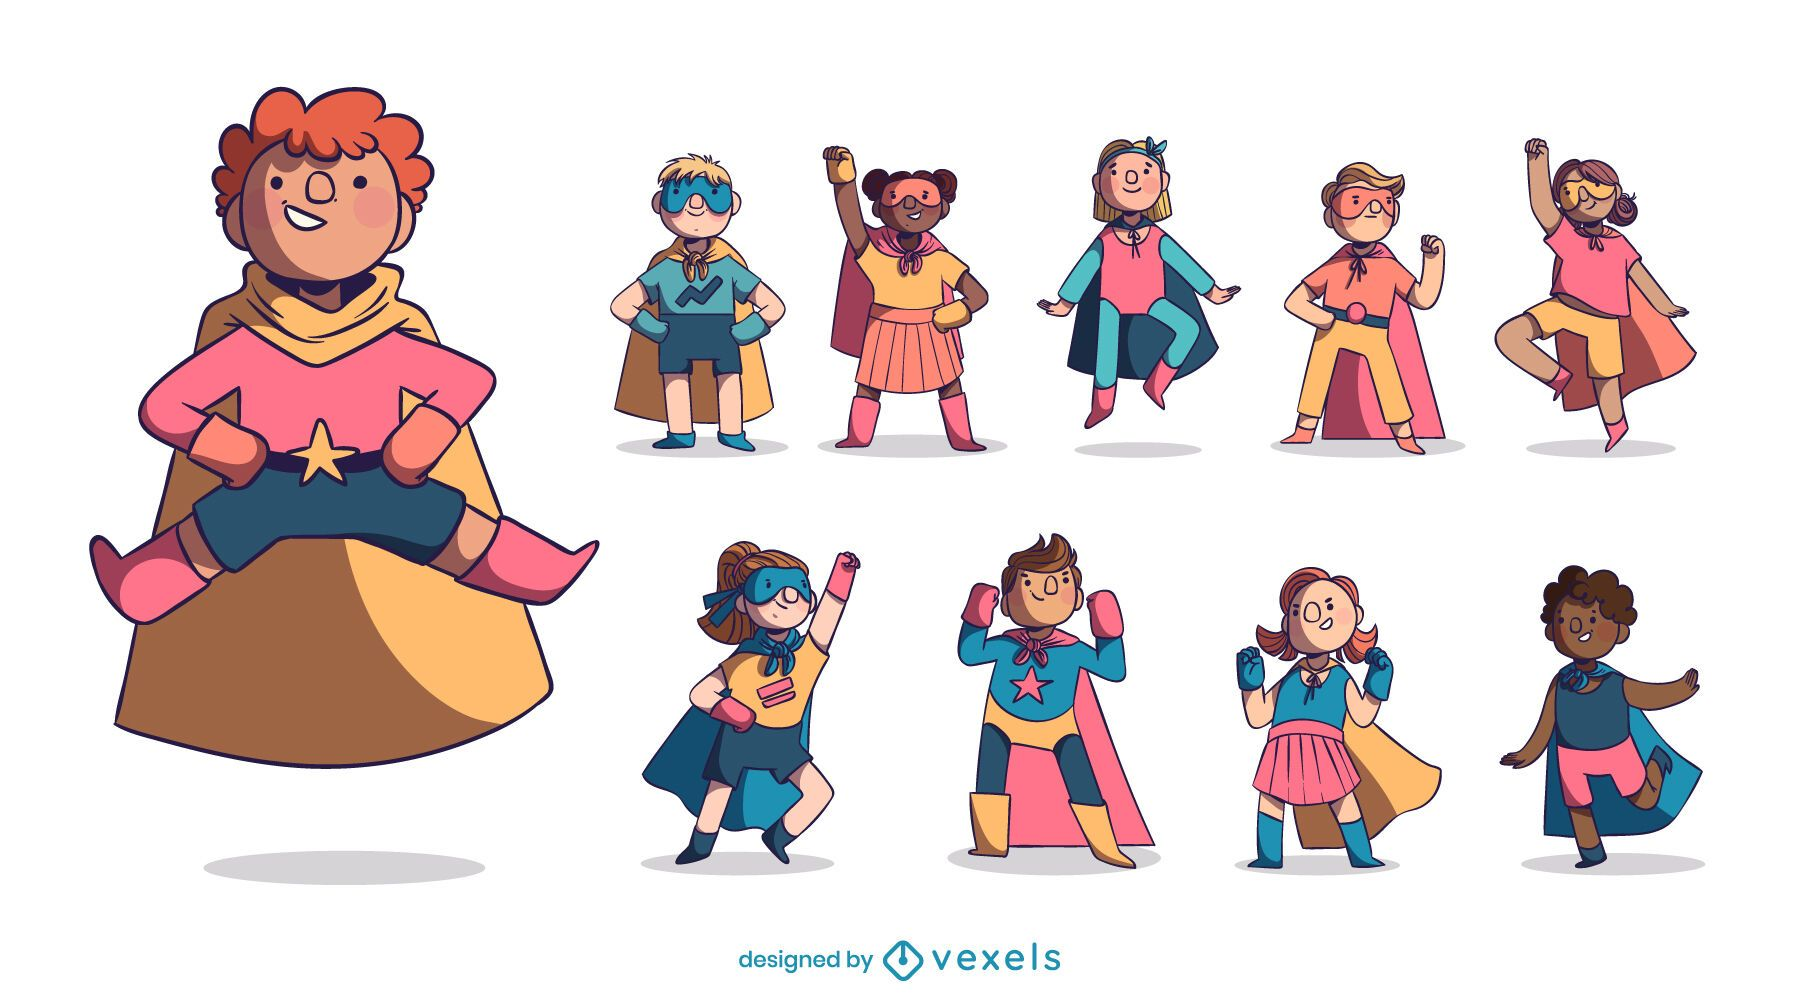 Paquete de personajes de superhéroes para niños